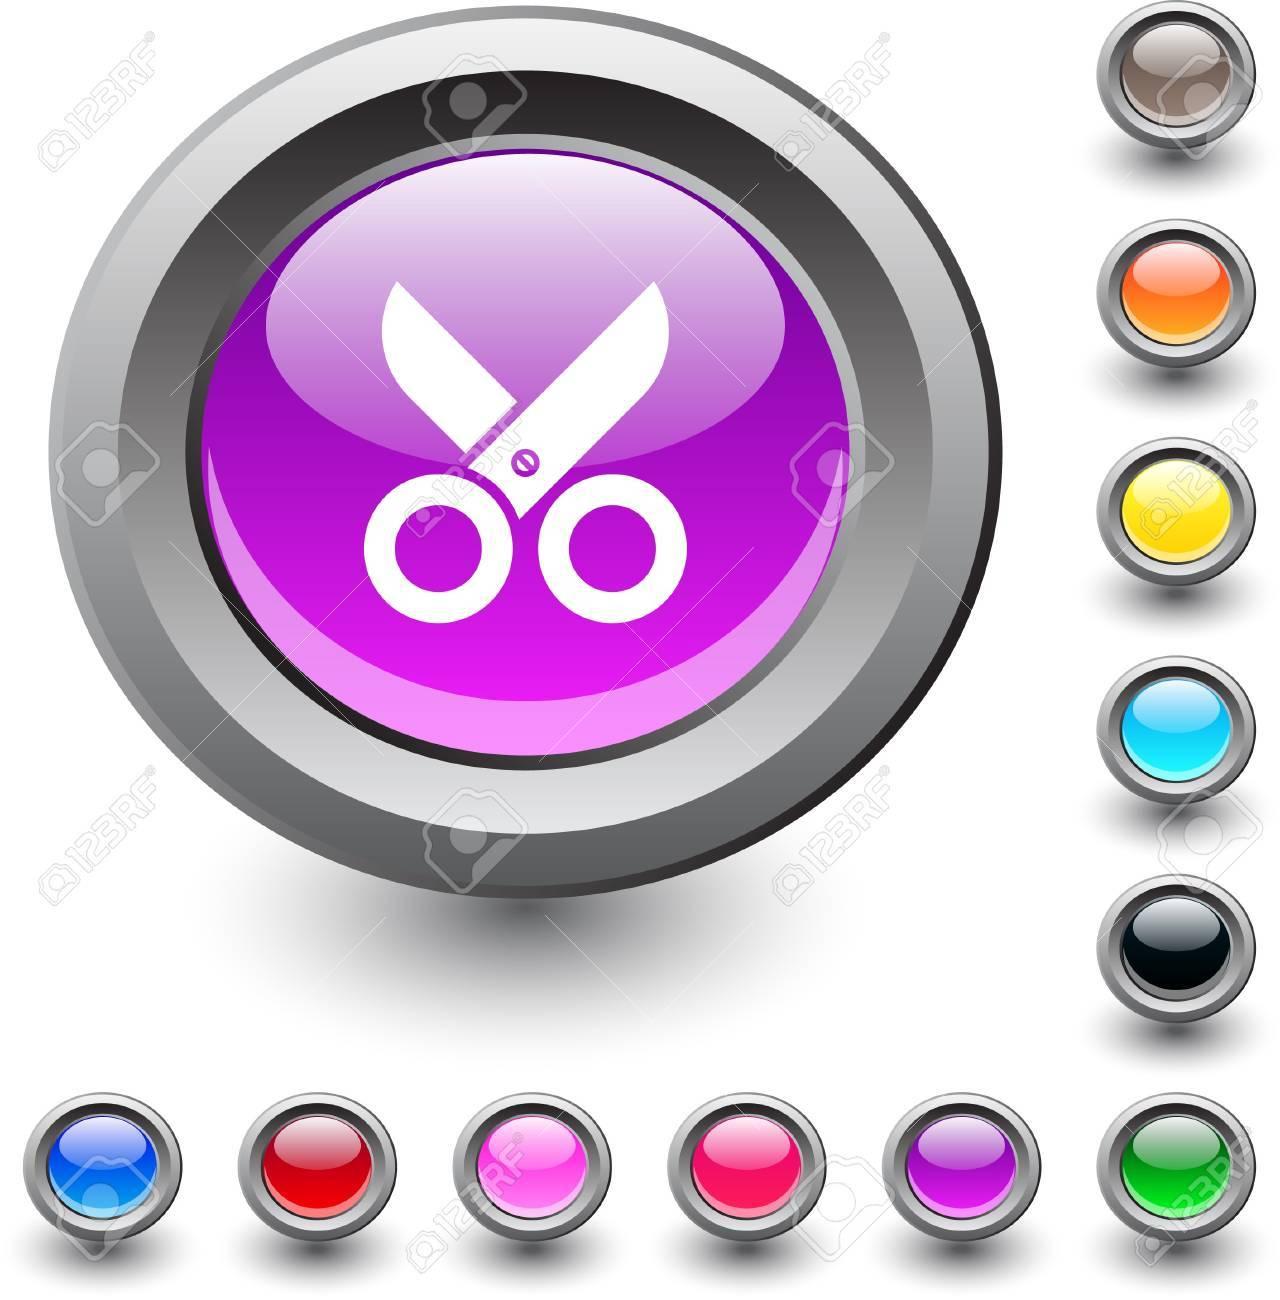 Scissors  metallic vibrant round icon. Stock Vector - 7531722